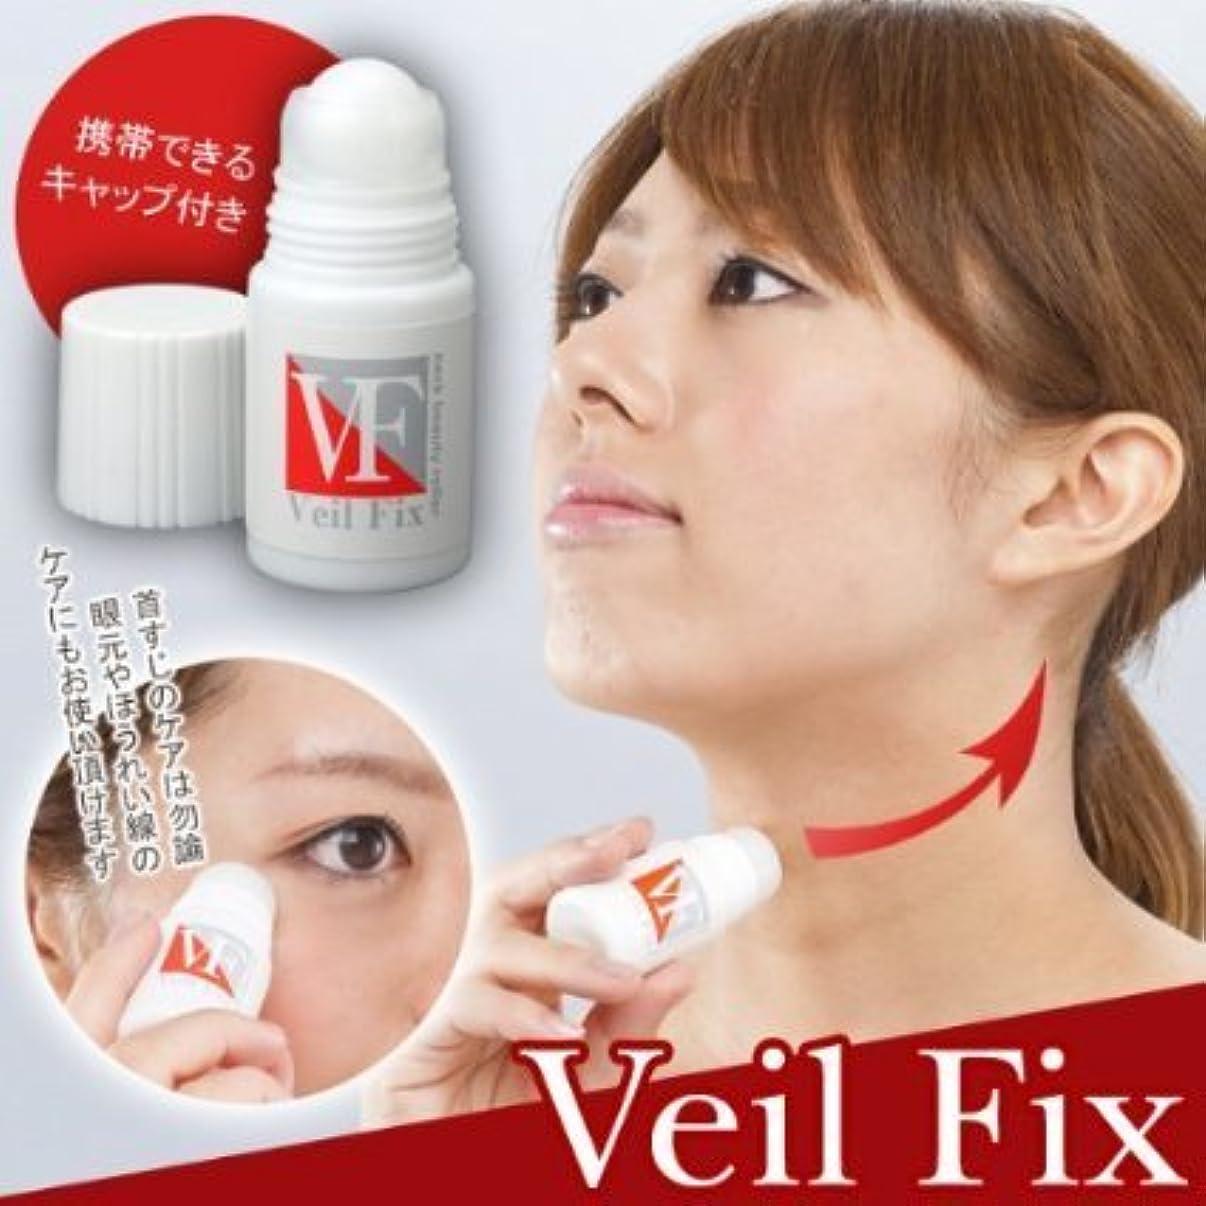 意気揚々仲介者に沿ってVeil Fix neck beauty roller(ヴェイル フィックス ネックビューティーローラー)VFエッセンス 20ml